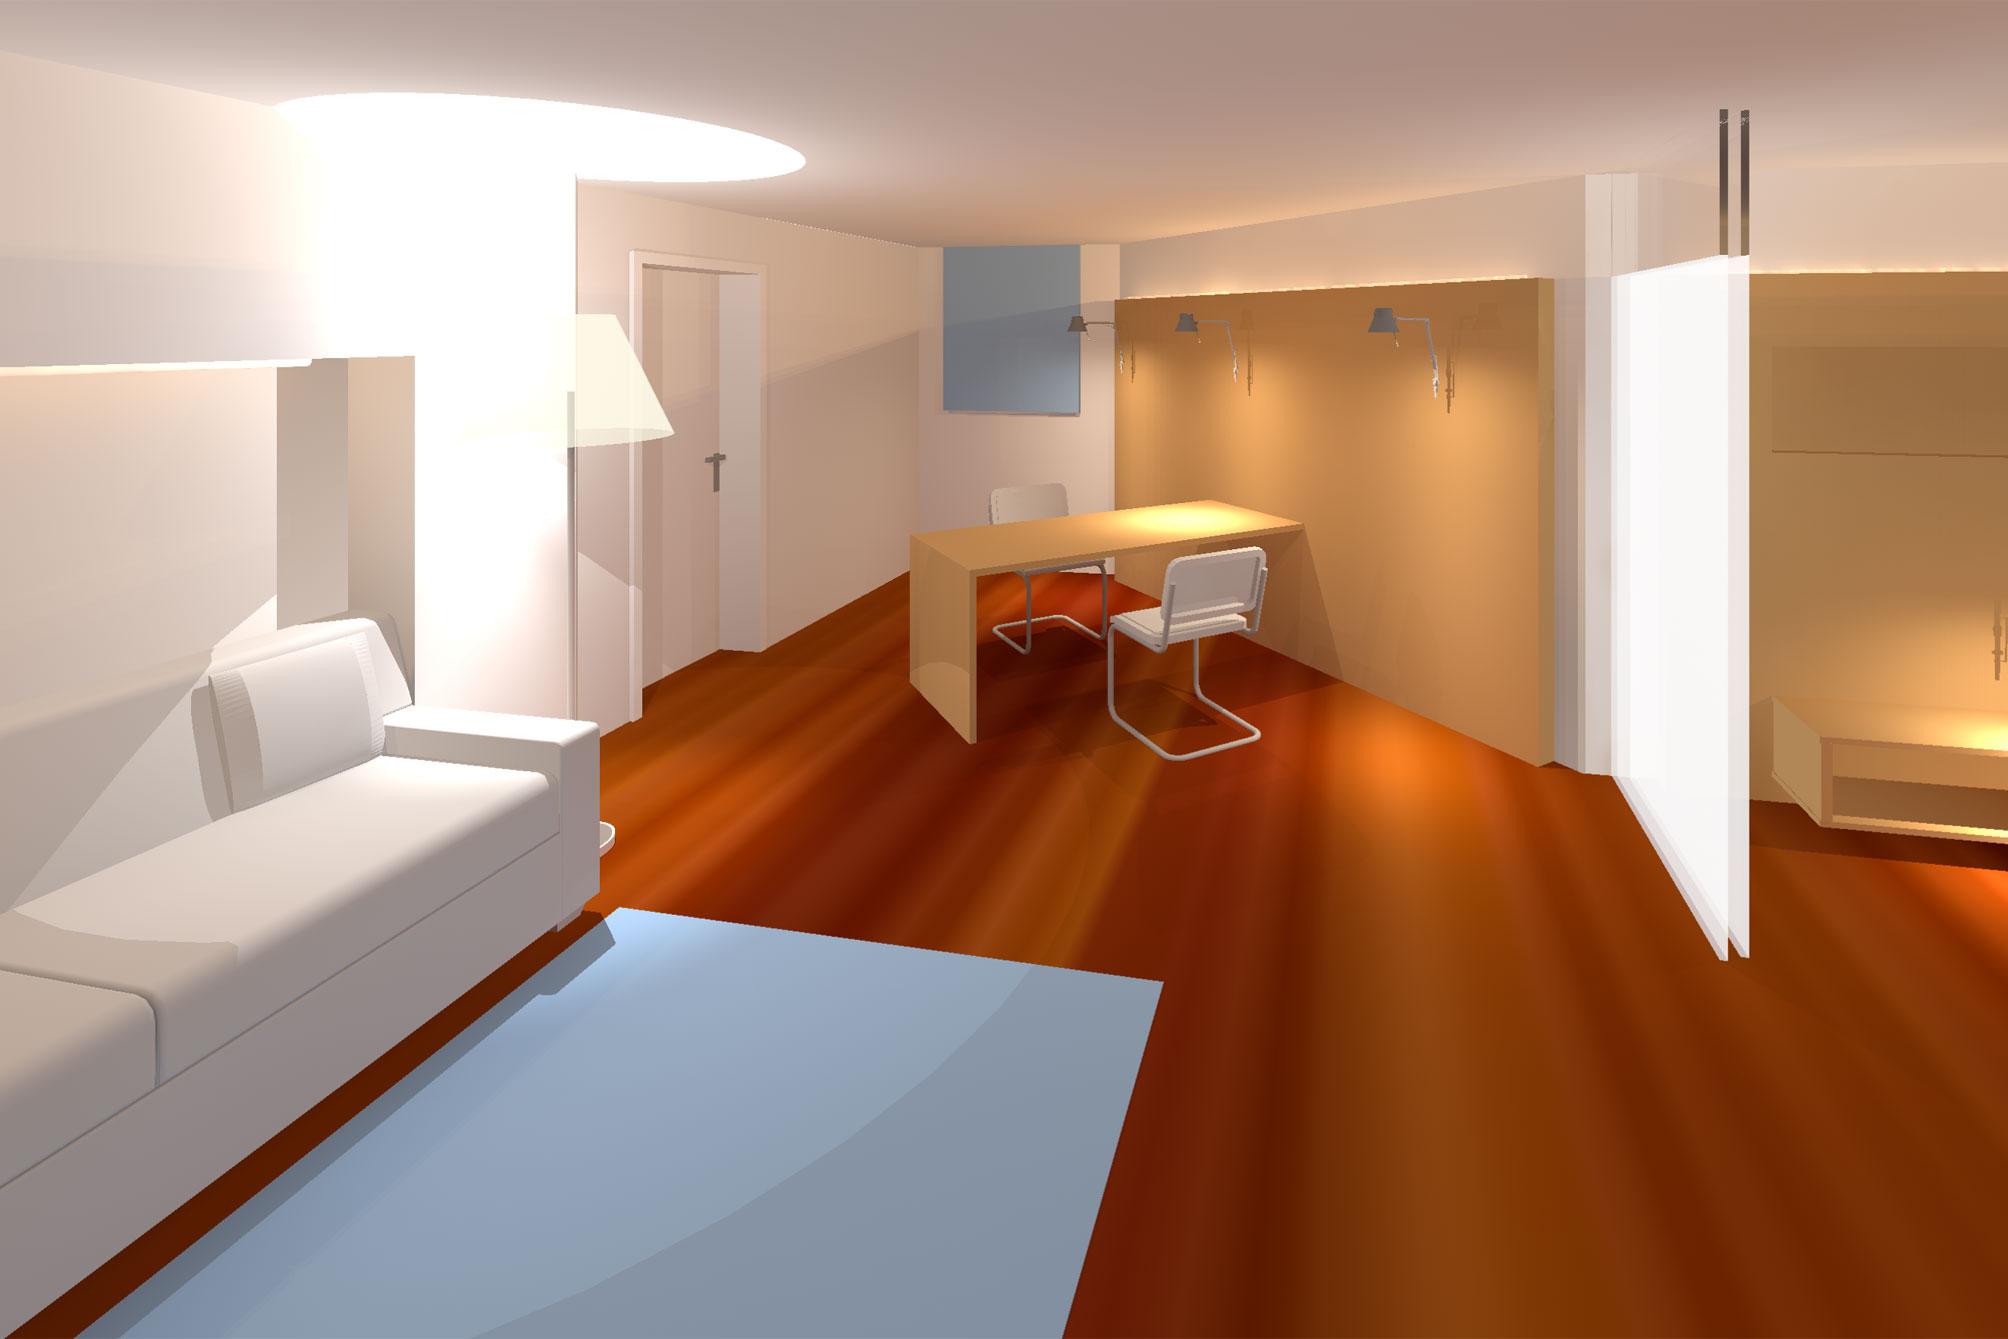 Neugestaltung einer Wohnung - GROSS | Innenarchitektur